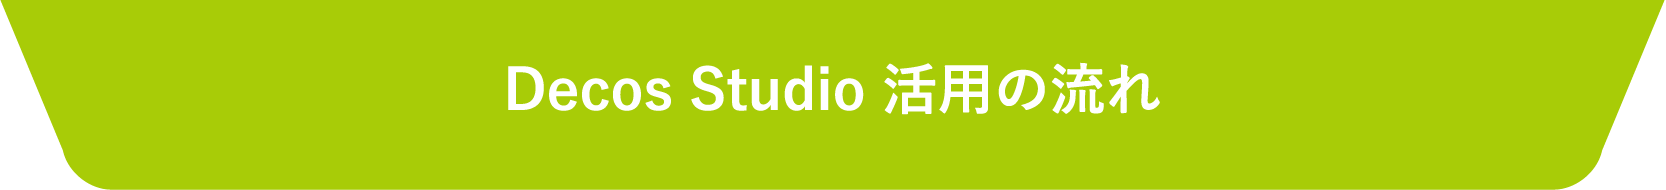 Decos Studio 活用の流れ